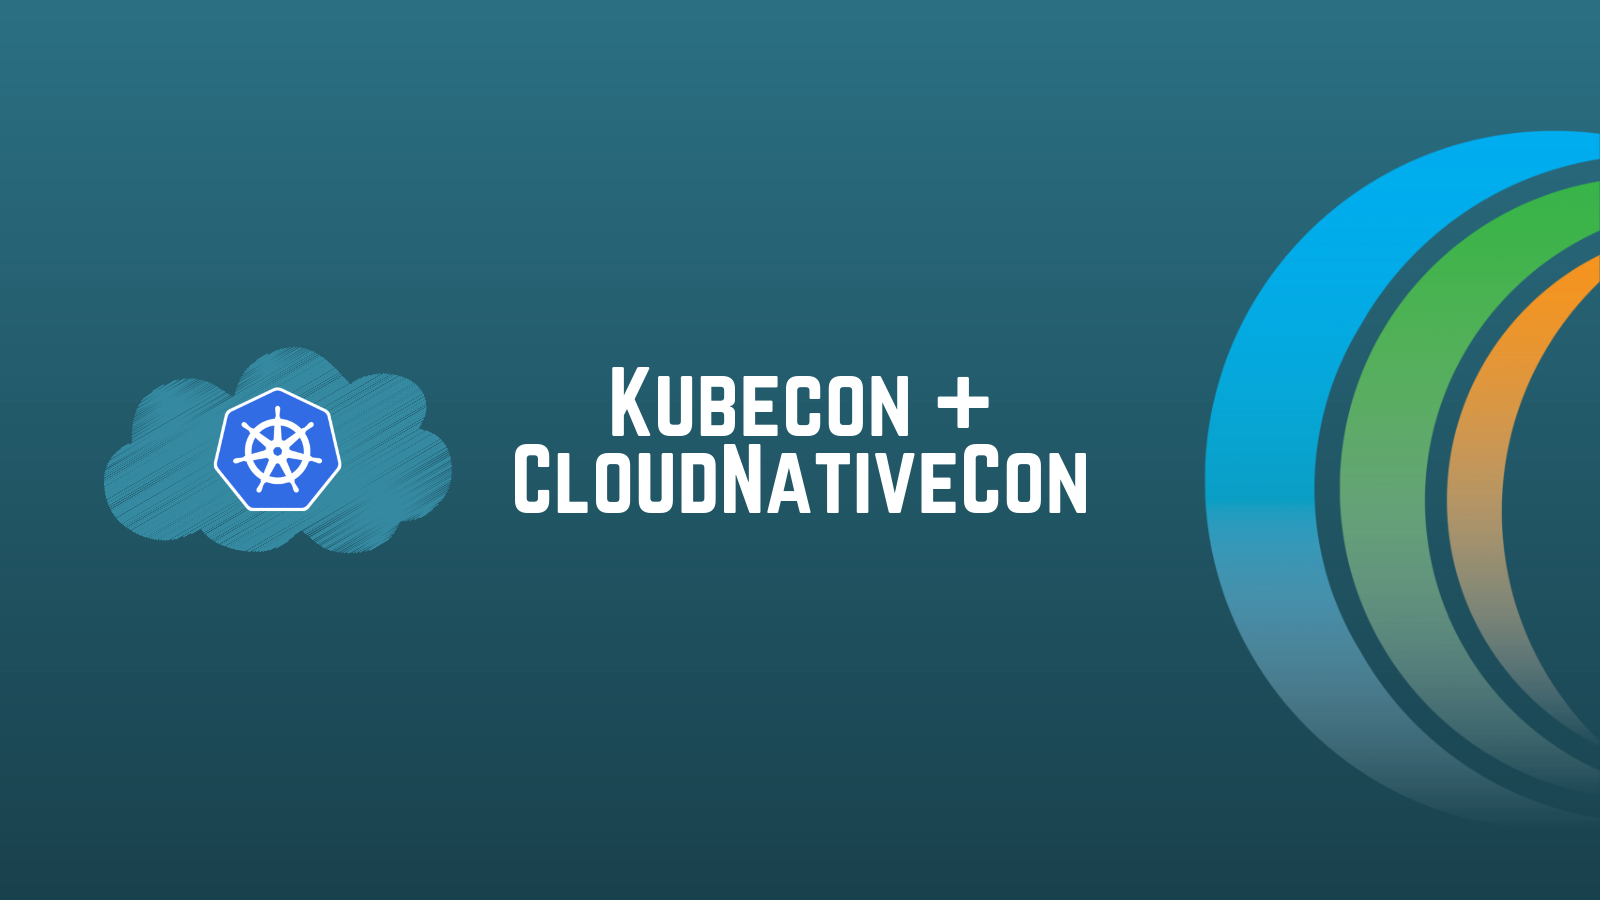 kubecon-cloudnativecon-blog